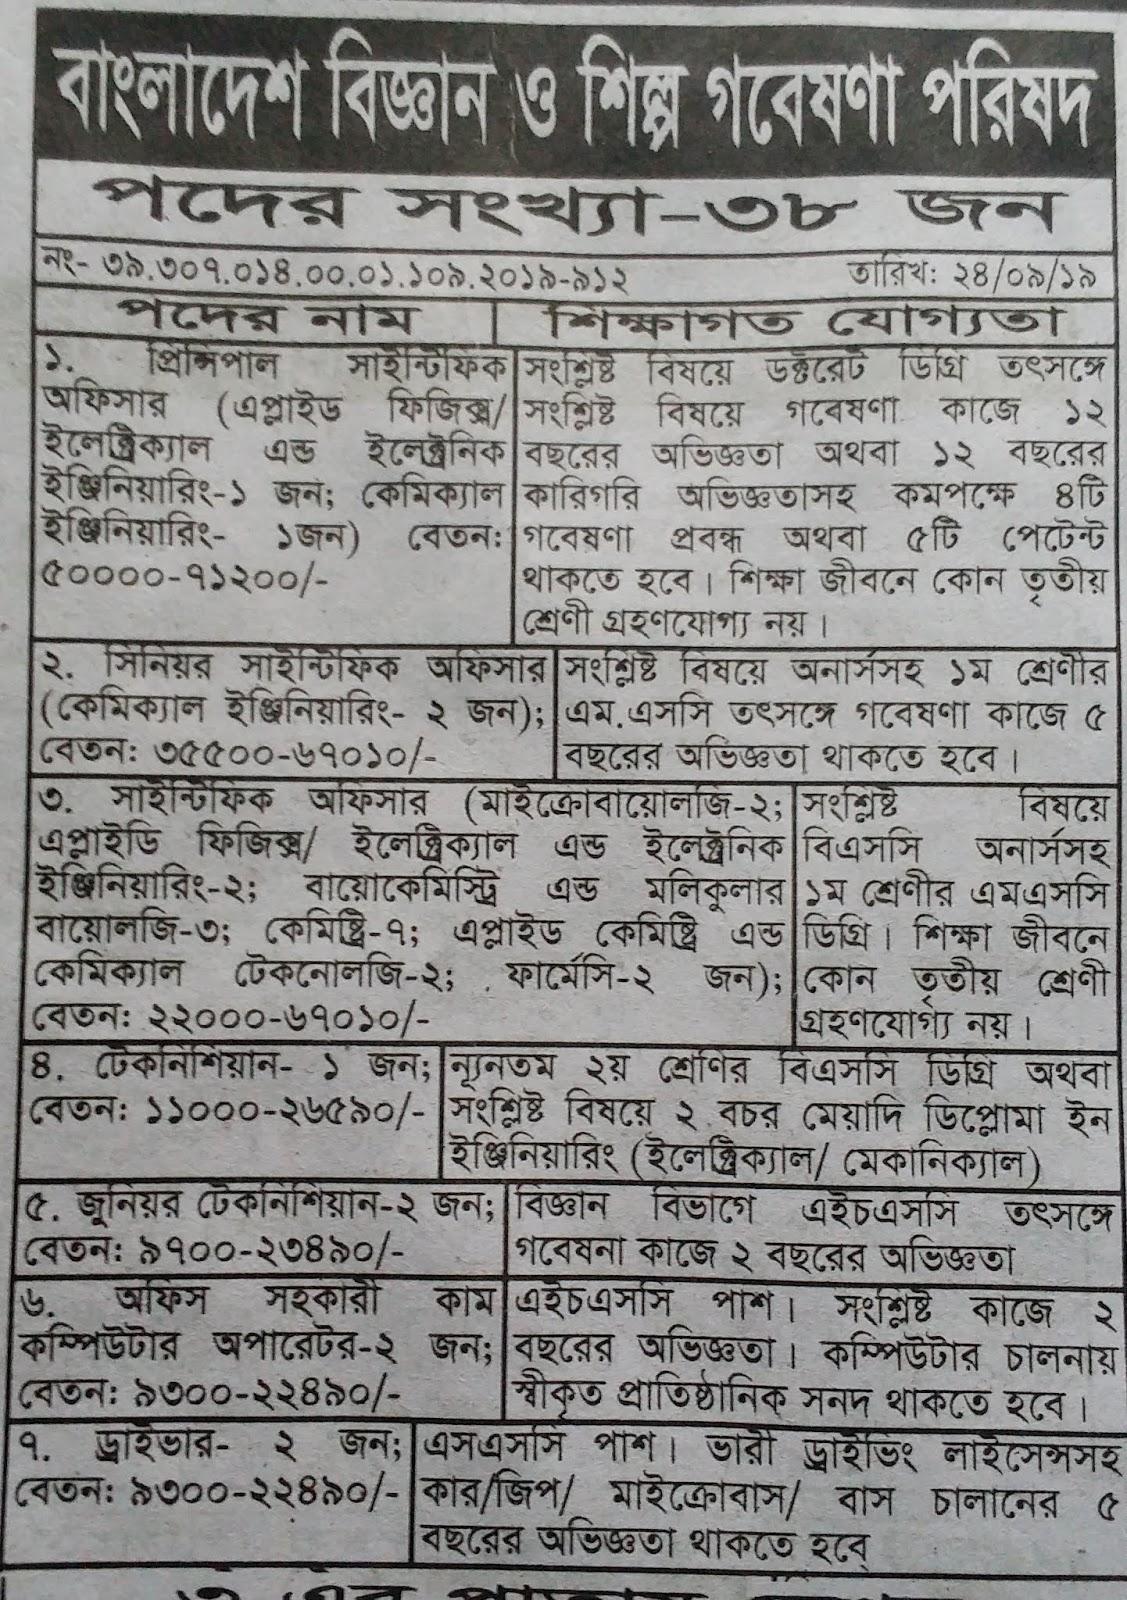 (BCSIR) Job Circular 2019